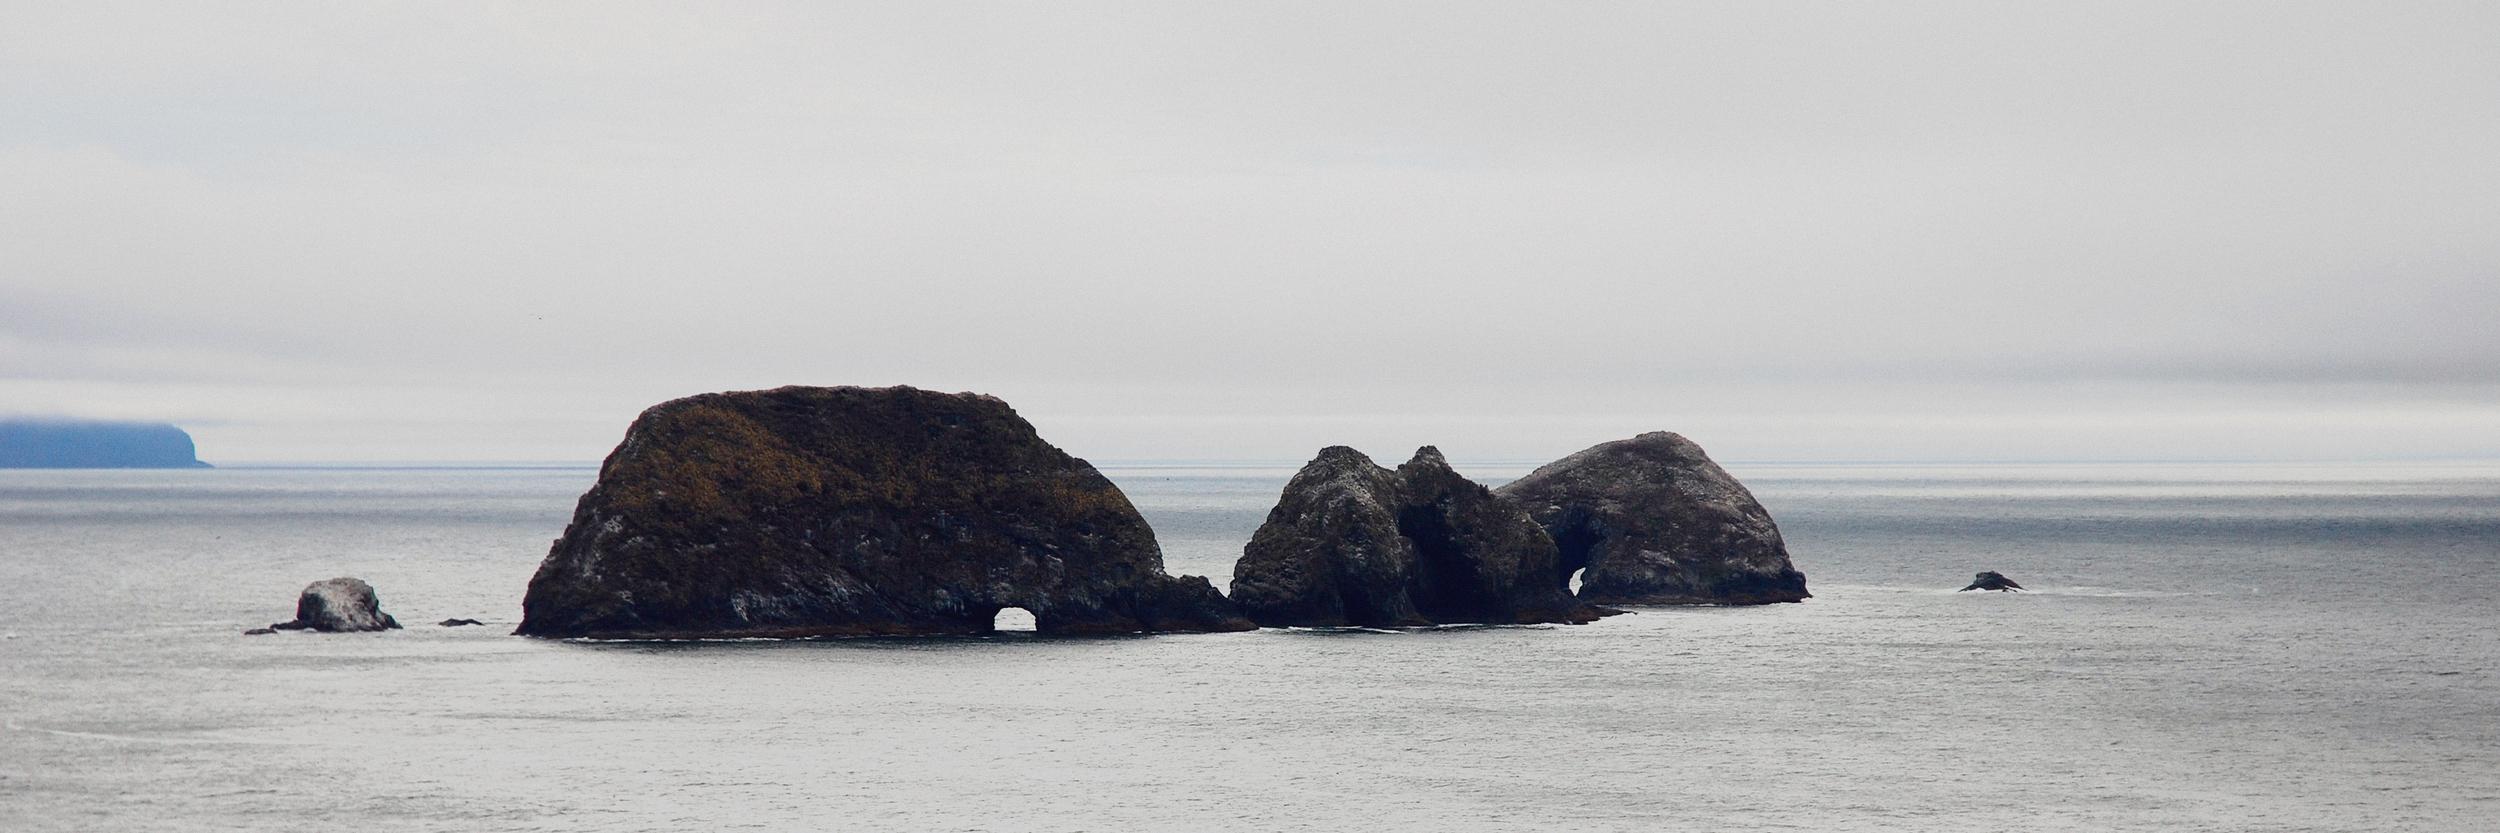 oregon coast 001.jpg